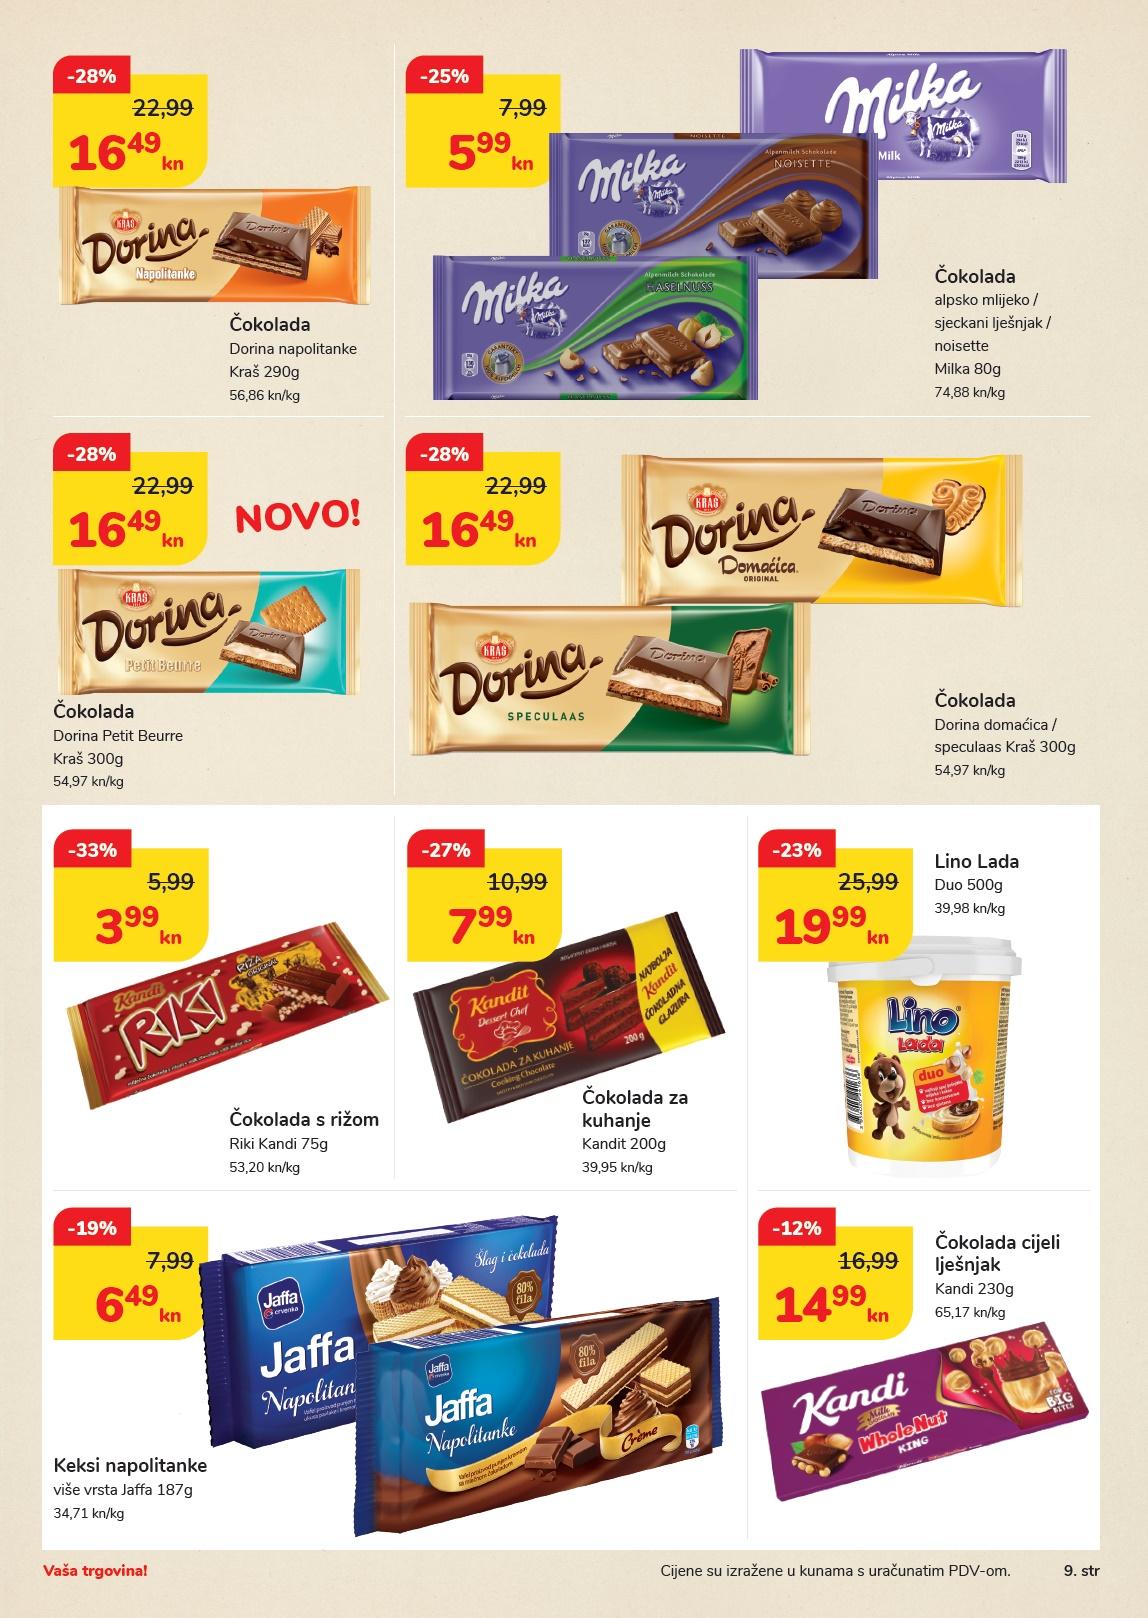 Dergez-trgovine-katalog-listopad2021-9